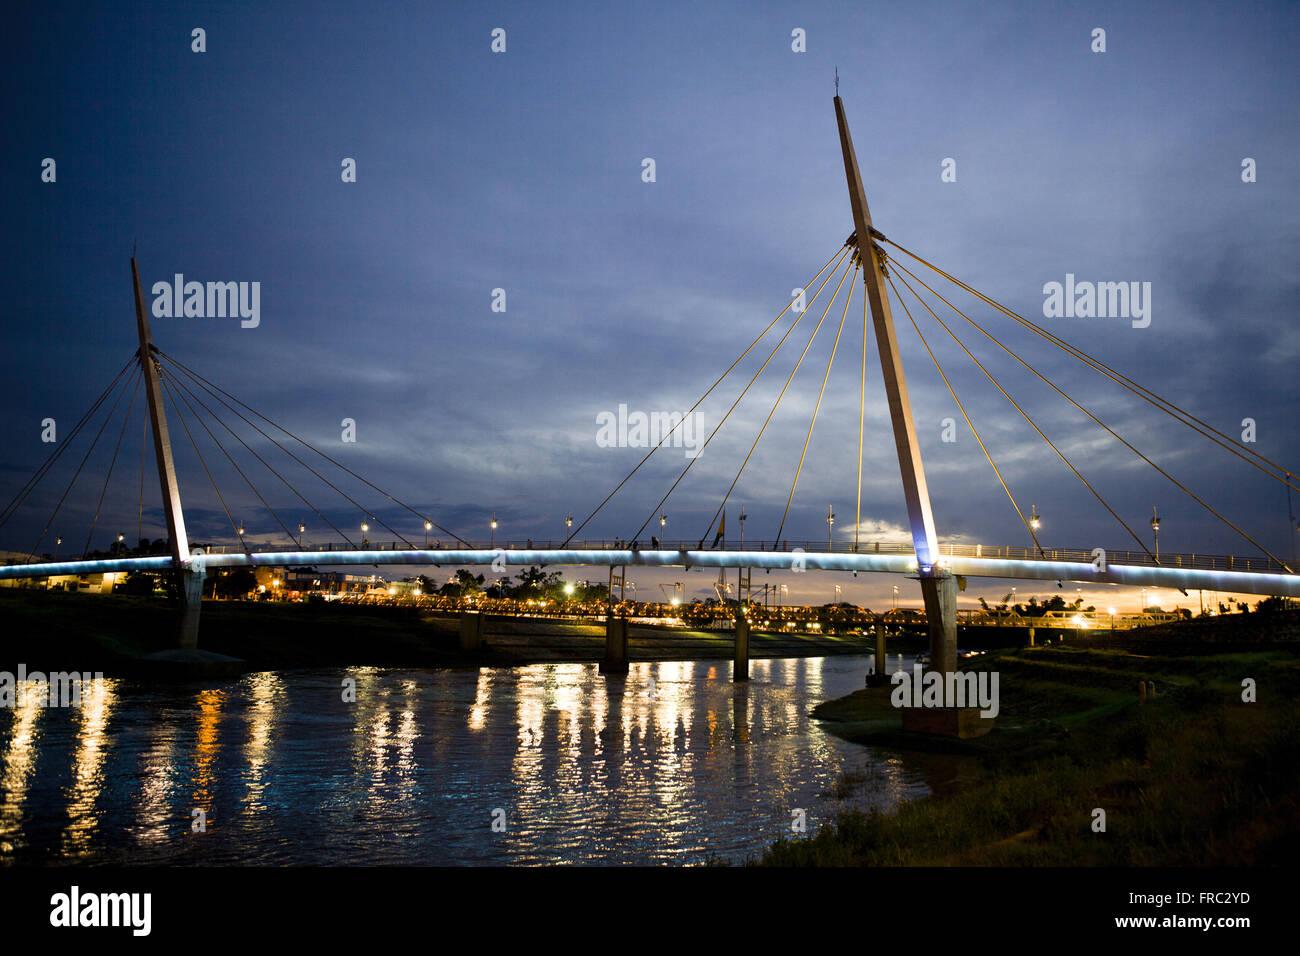 Vista notturna della passerella Joaquim Macedo Governatore sul fiume Acri Foto Stock